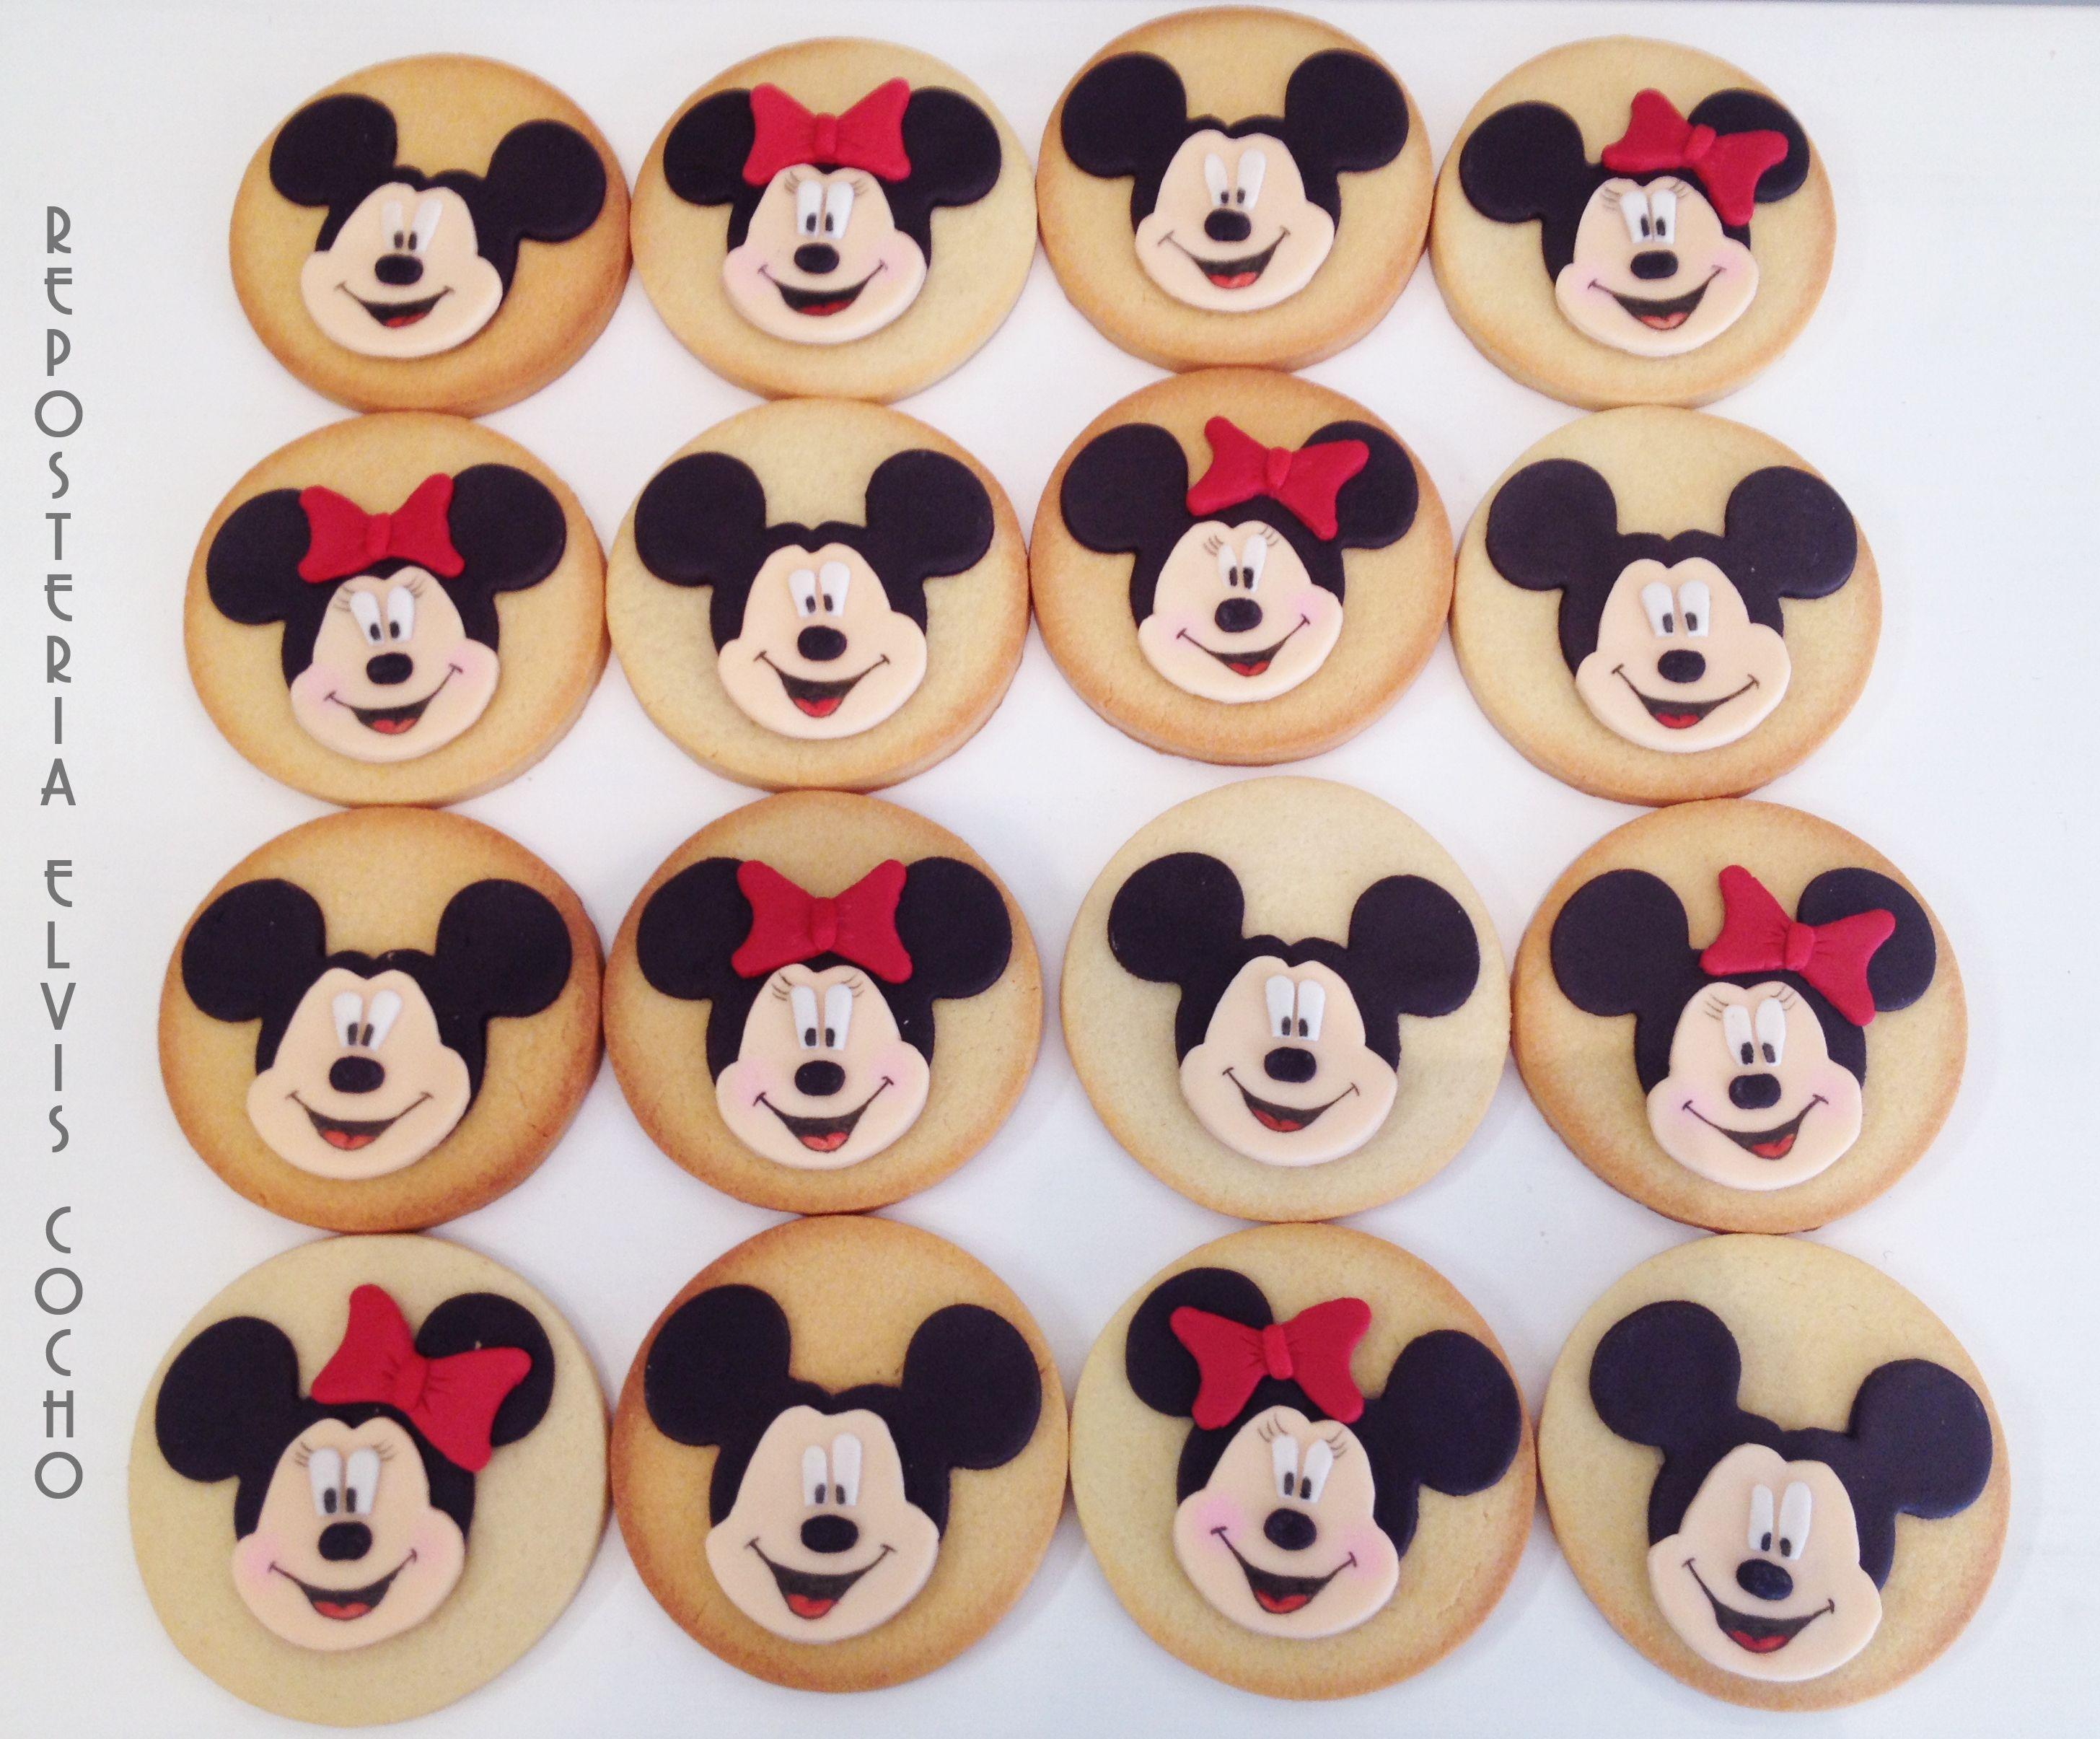 Galletas Mickey y Minnie Mouse